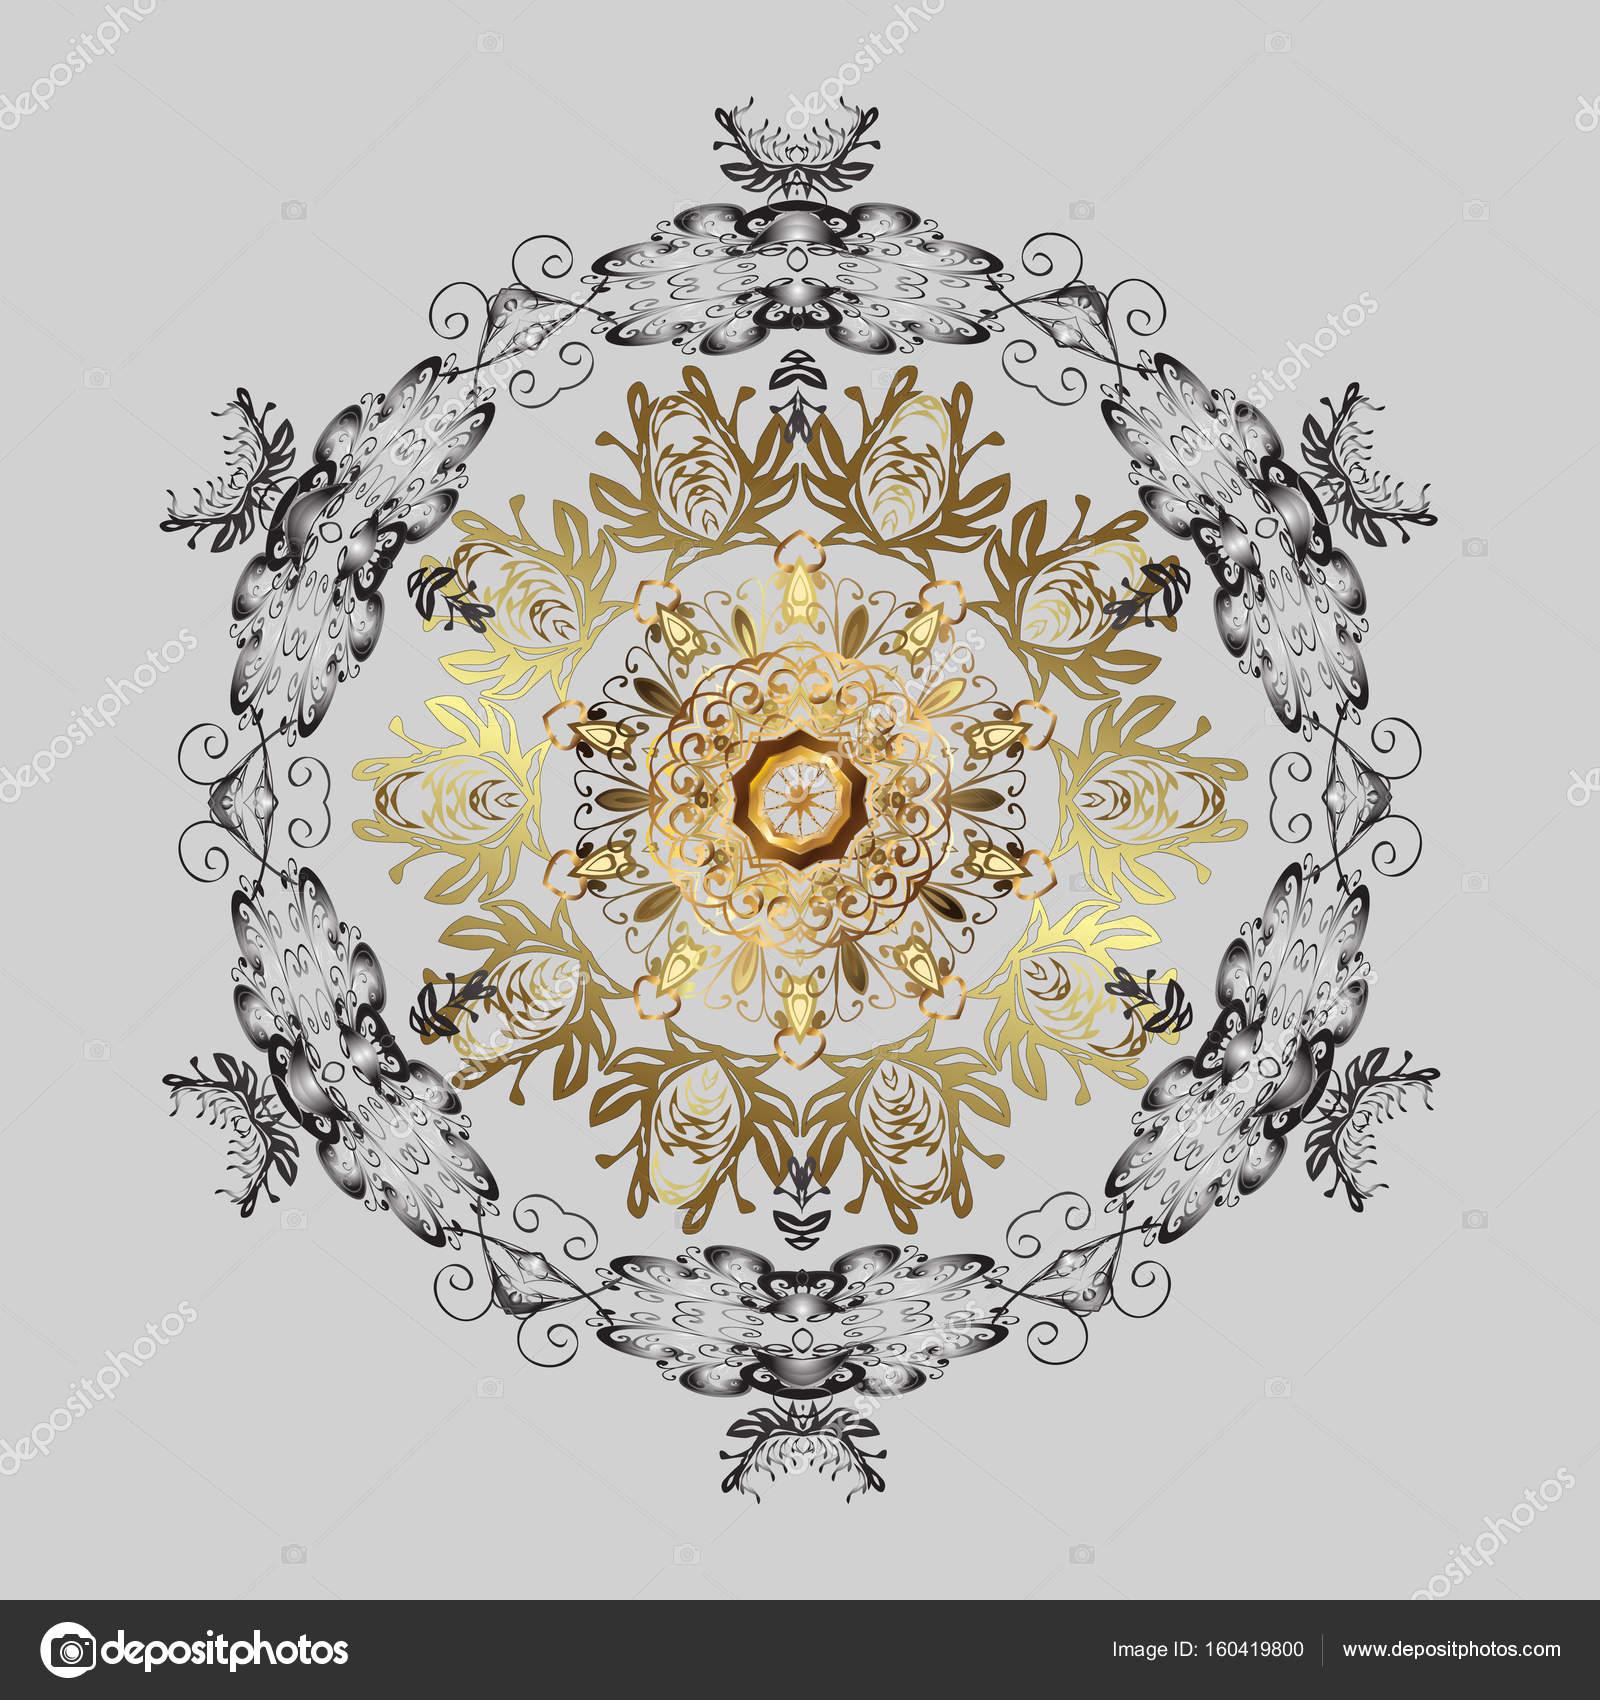 Ilustración abstracta textura — Archivo Imágenes Vectoriales ...